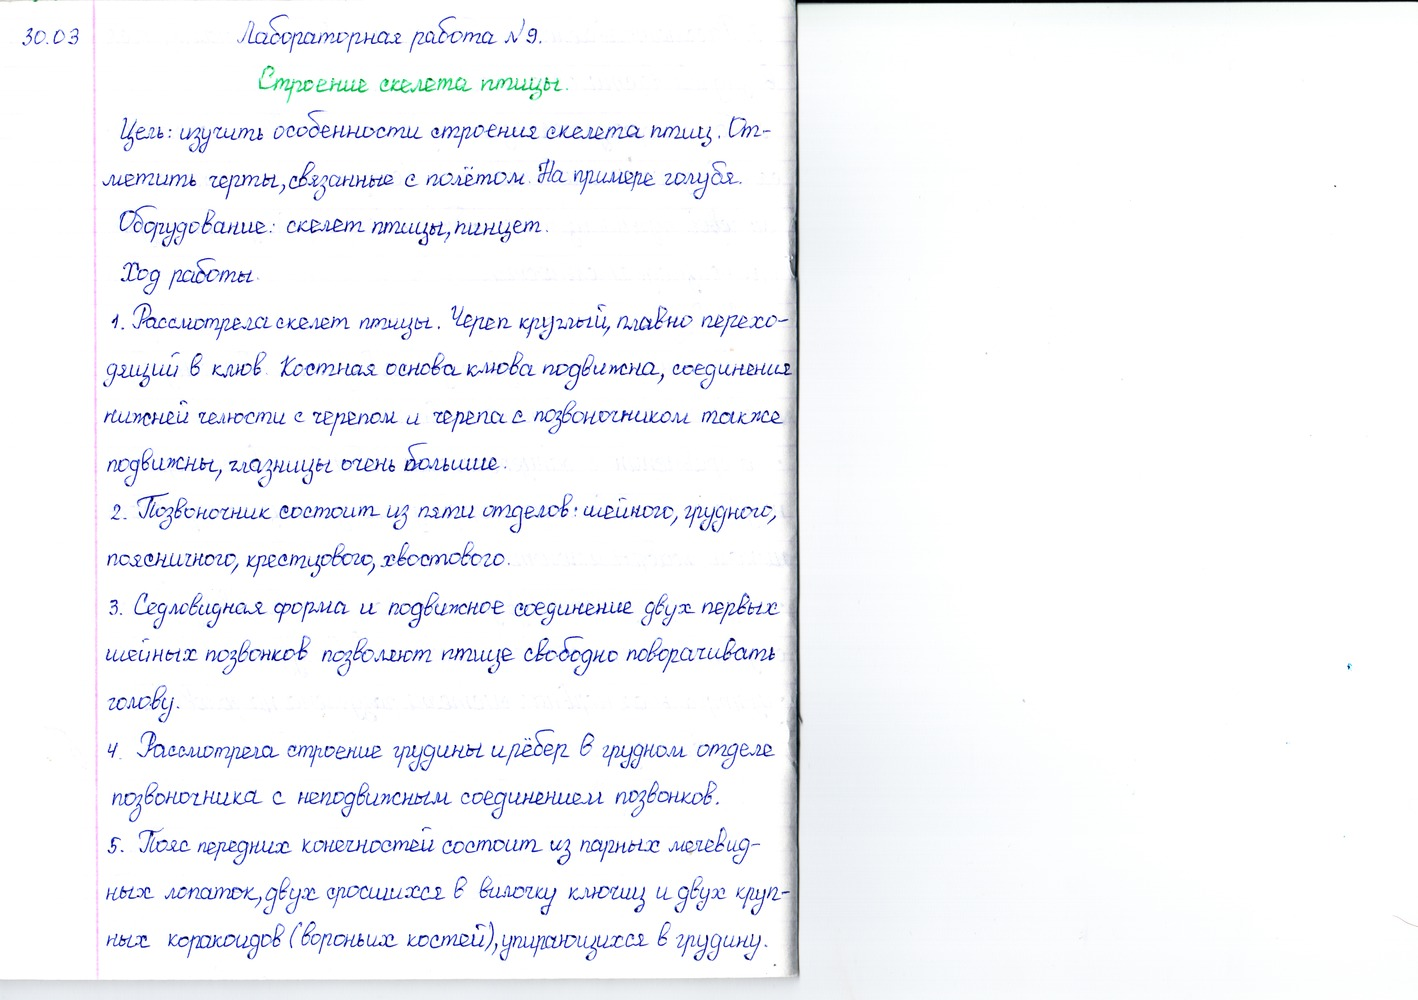 Решебник лабораторных работ по биологии 7 класс с.в.вовк